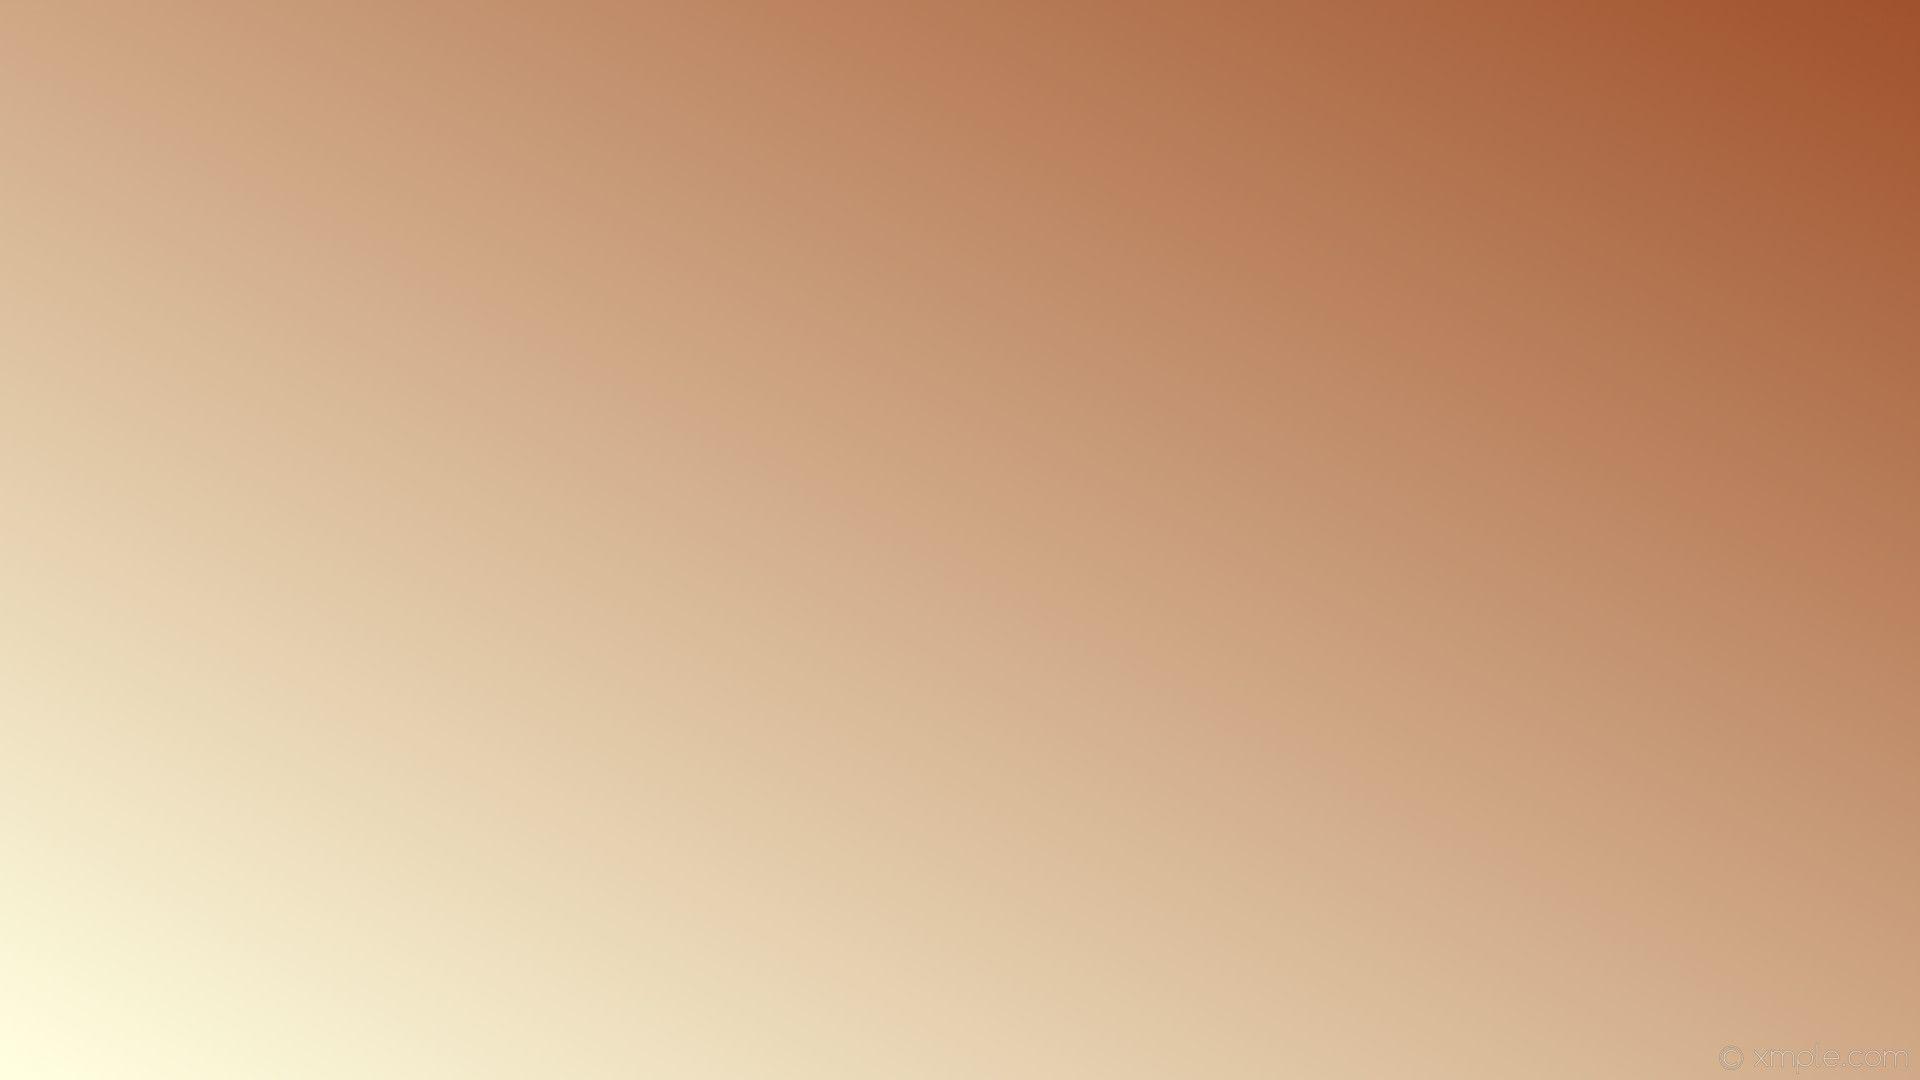 Brown Gradient Wallpapers - Top Free Brown Gradient ...